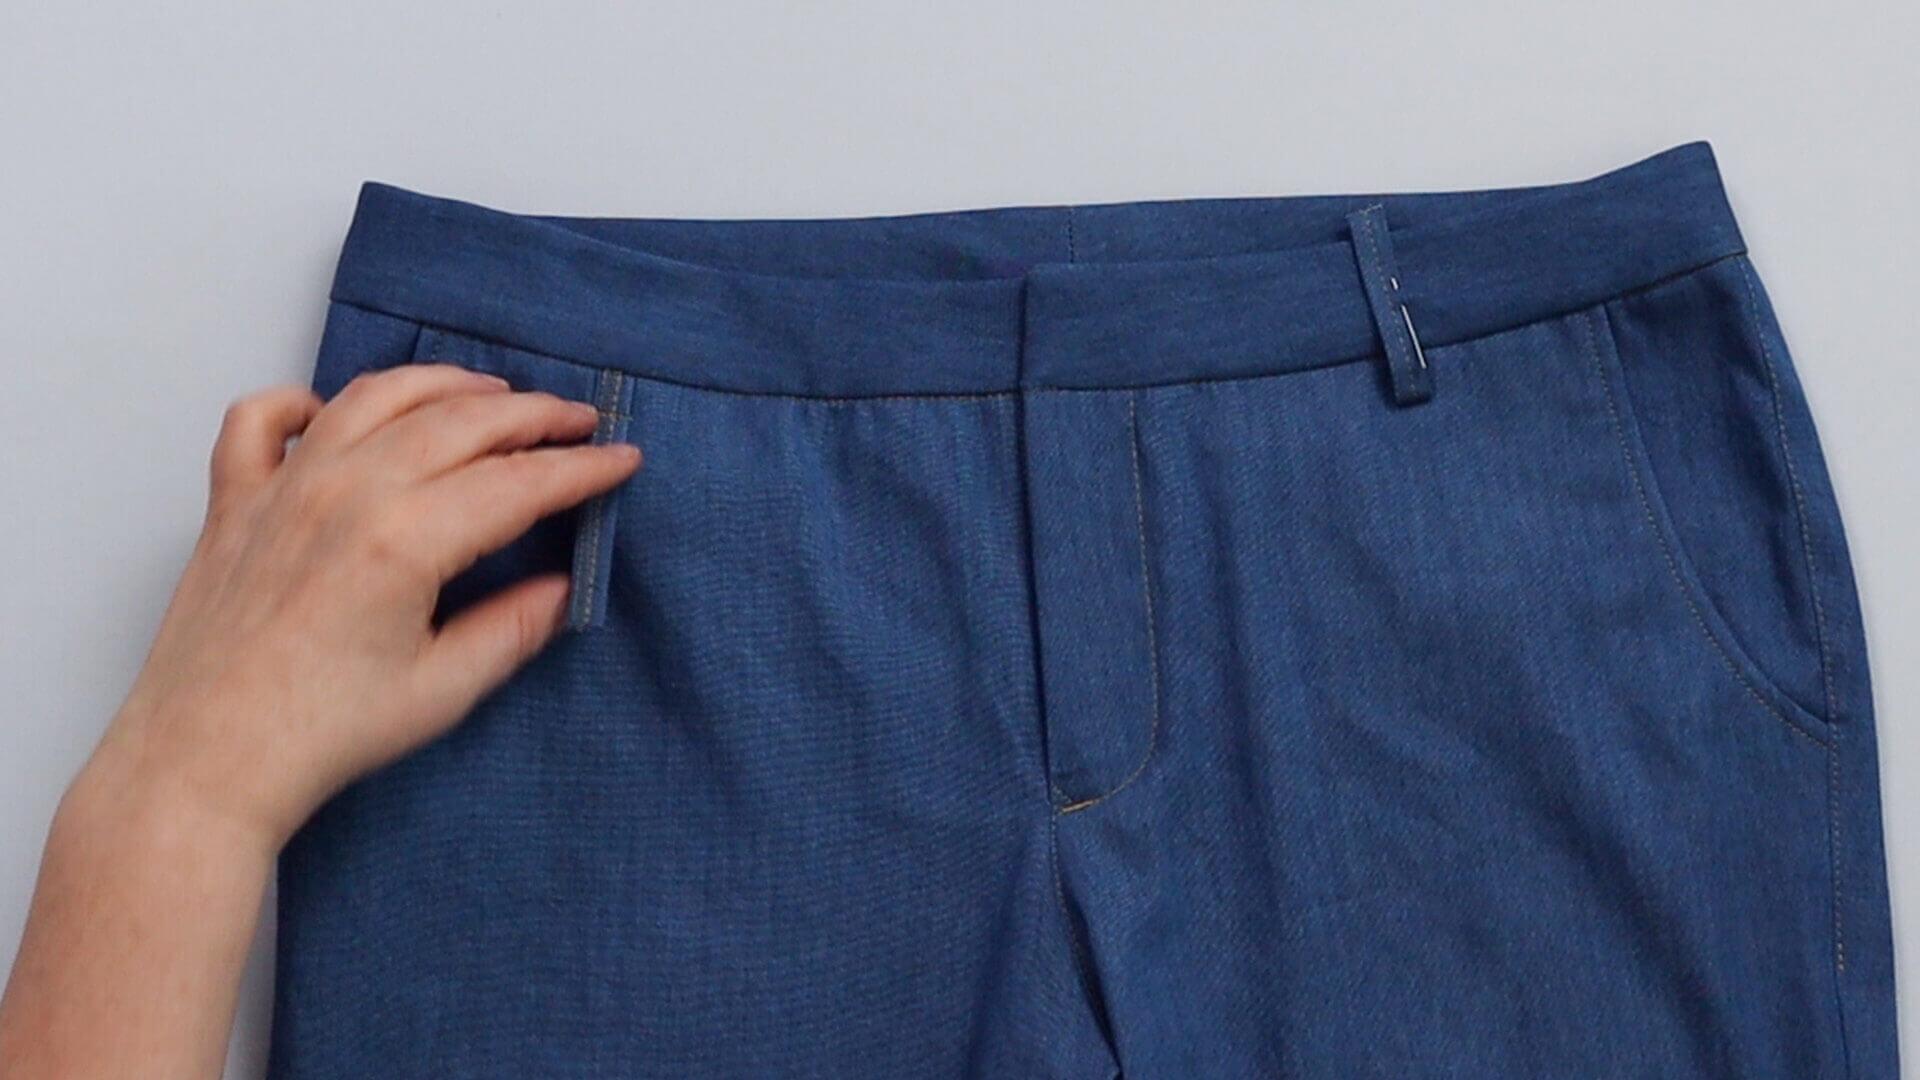 angesetzten Hosenbund #B01 selber nähen- Gürtelschlaufen auf Bund hochschlagen und aufstecken